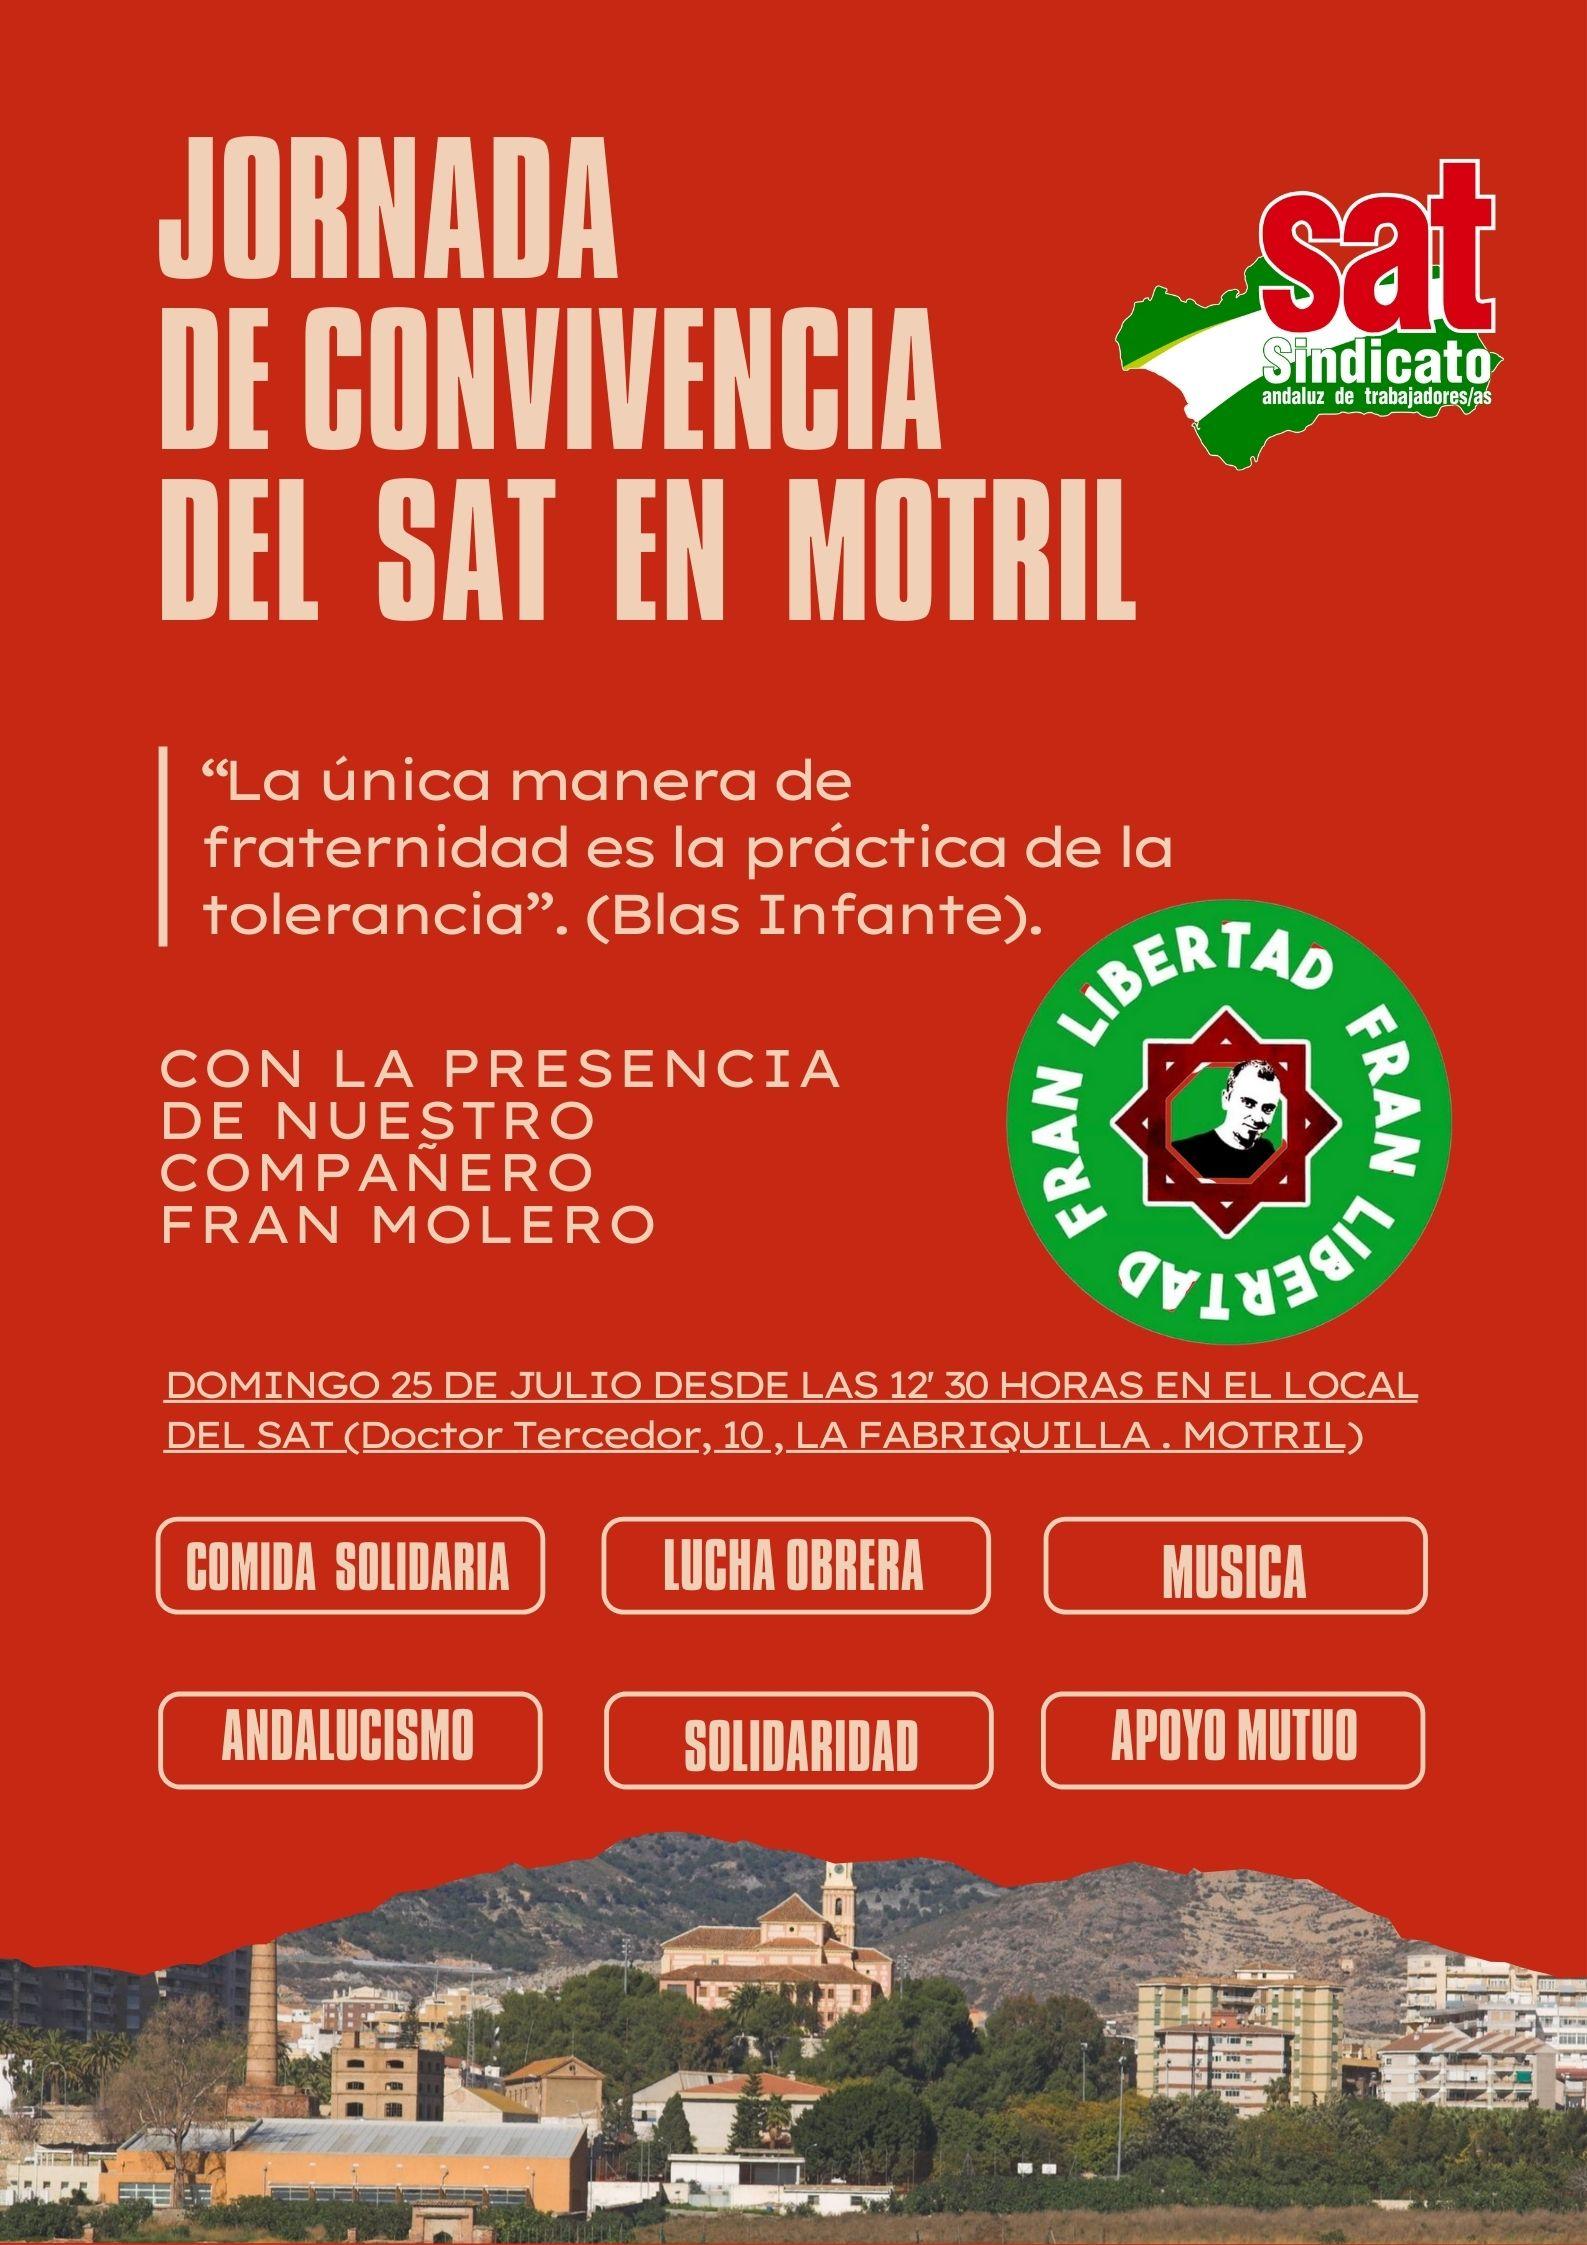 JORNADA DE CONVIVENCIA DEL EN MOTRIL